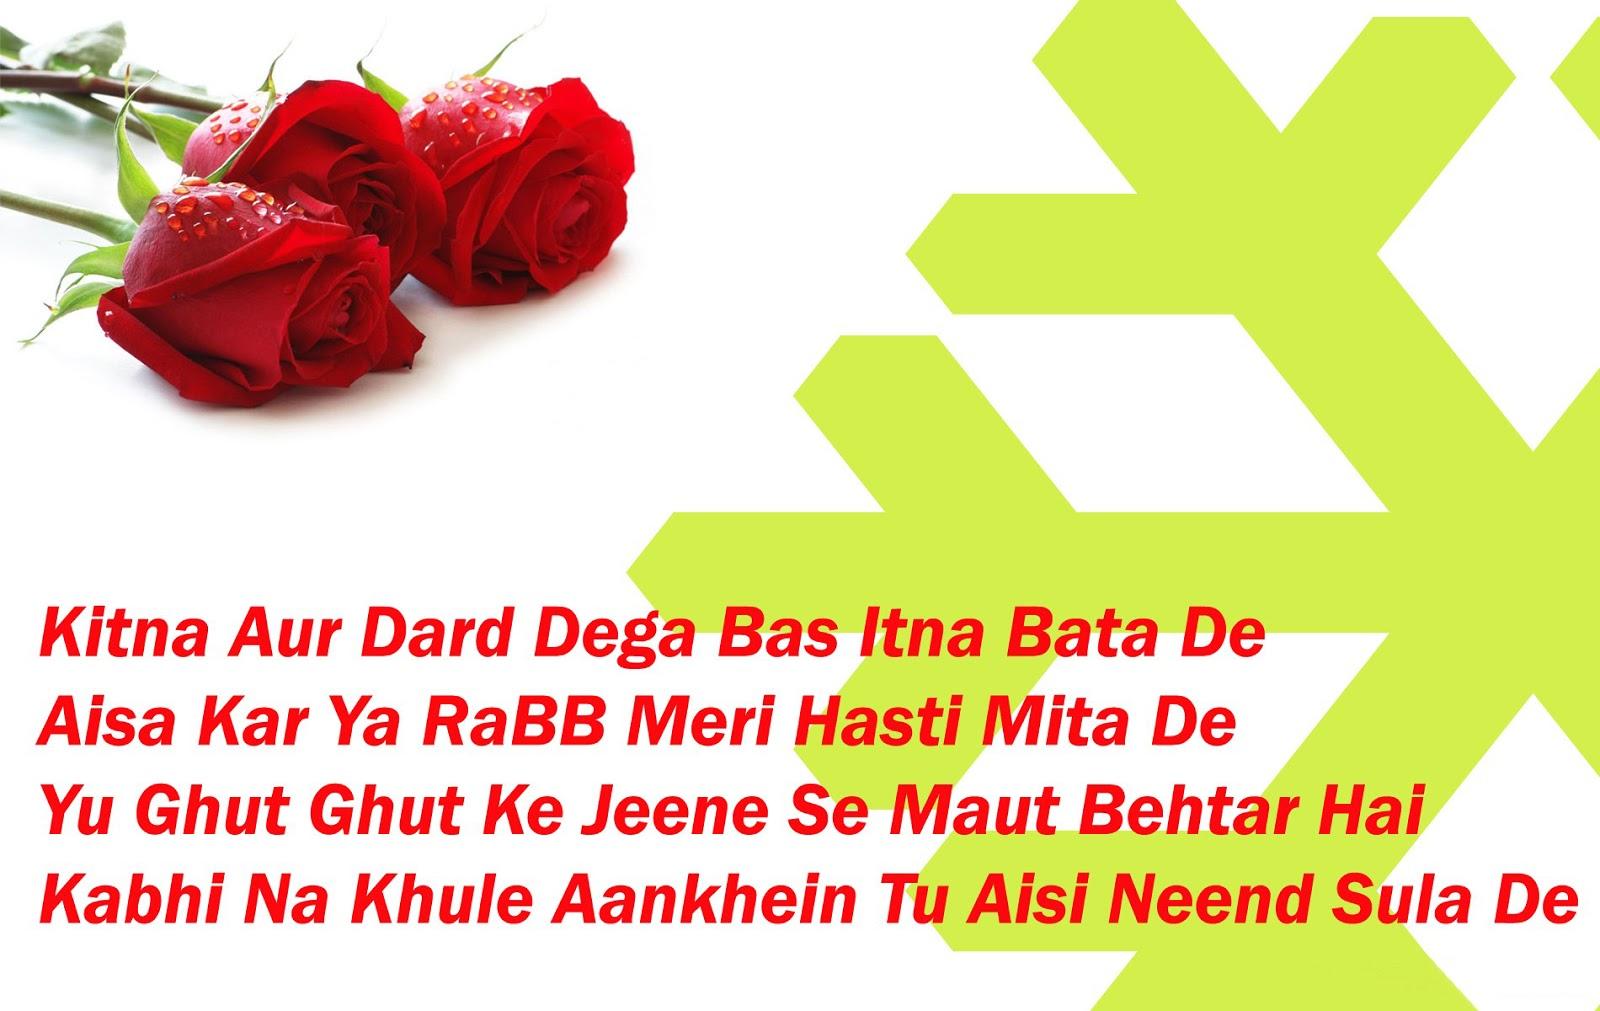 Good Wallpaper Love Hindi - hot%2Bhindi%2Bshayari%2Bimages%2Bhd%2Bwallpapers65569%2B%252816%2529  Photograph_44893.jpg